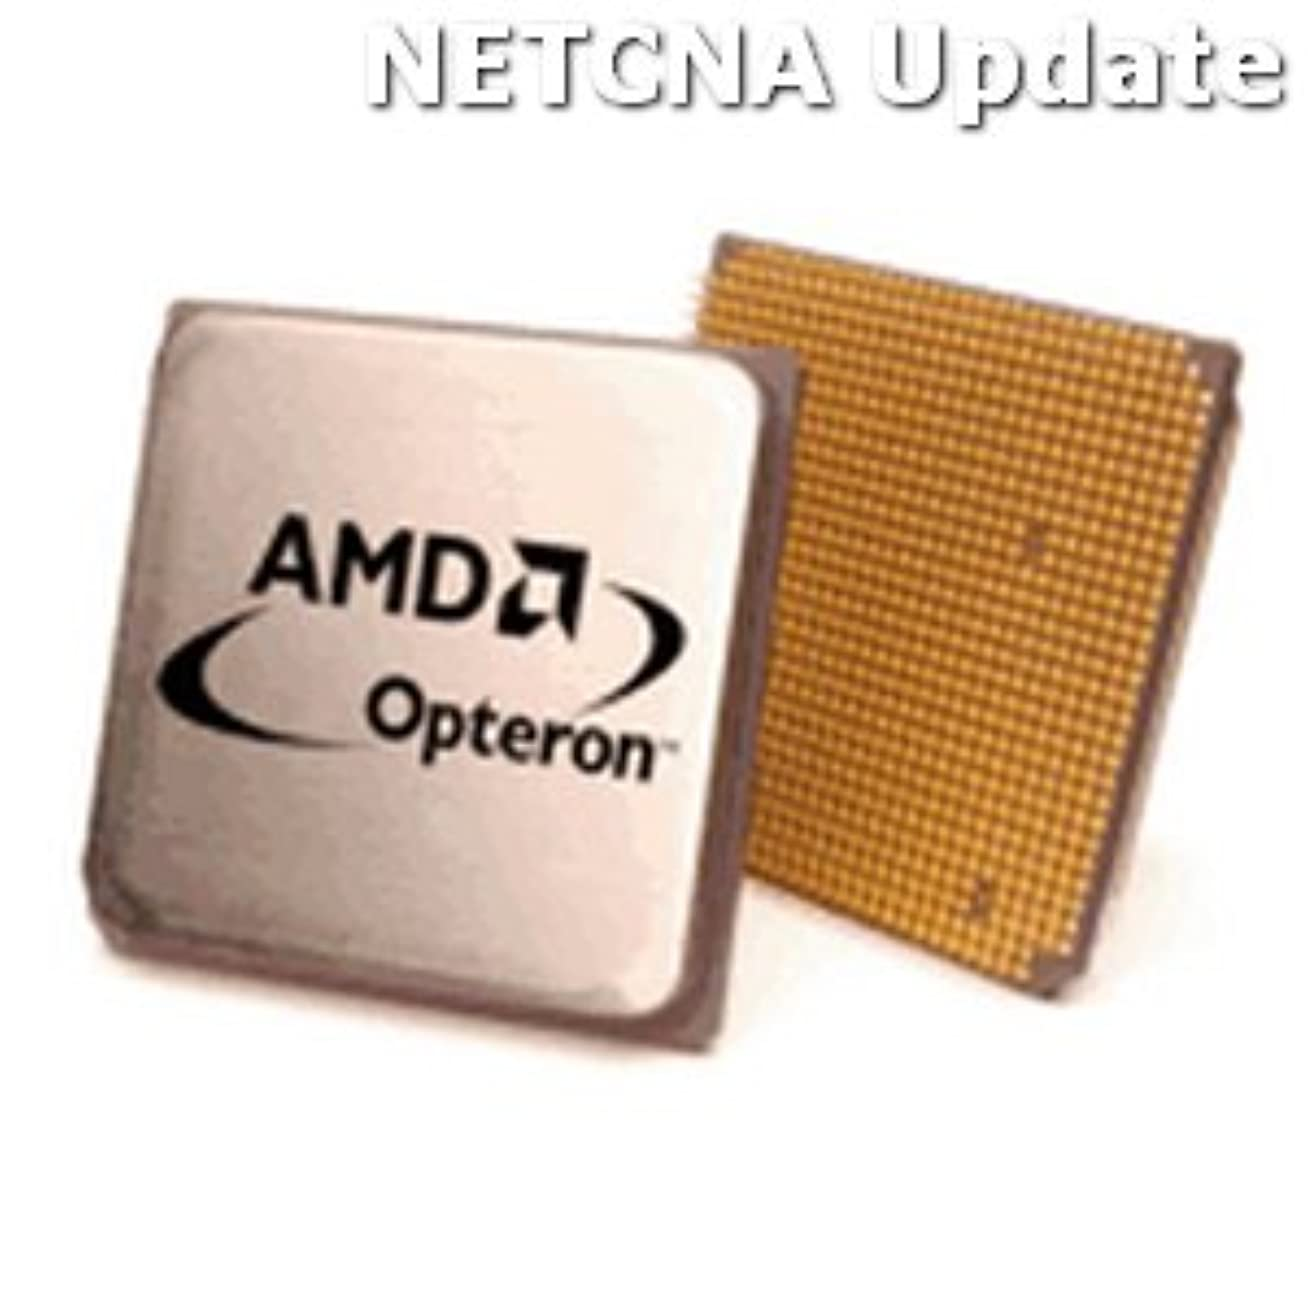 剃る耐えられない飲料392451-b21 HP AMD Opteron 265 1.8 GHz bl35p互換製品by NETCNA